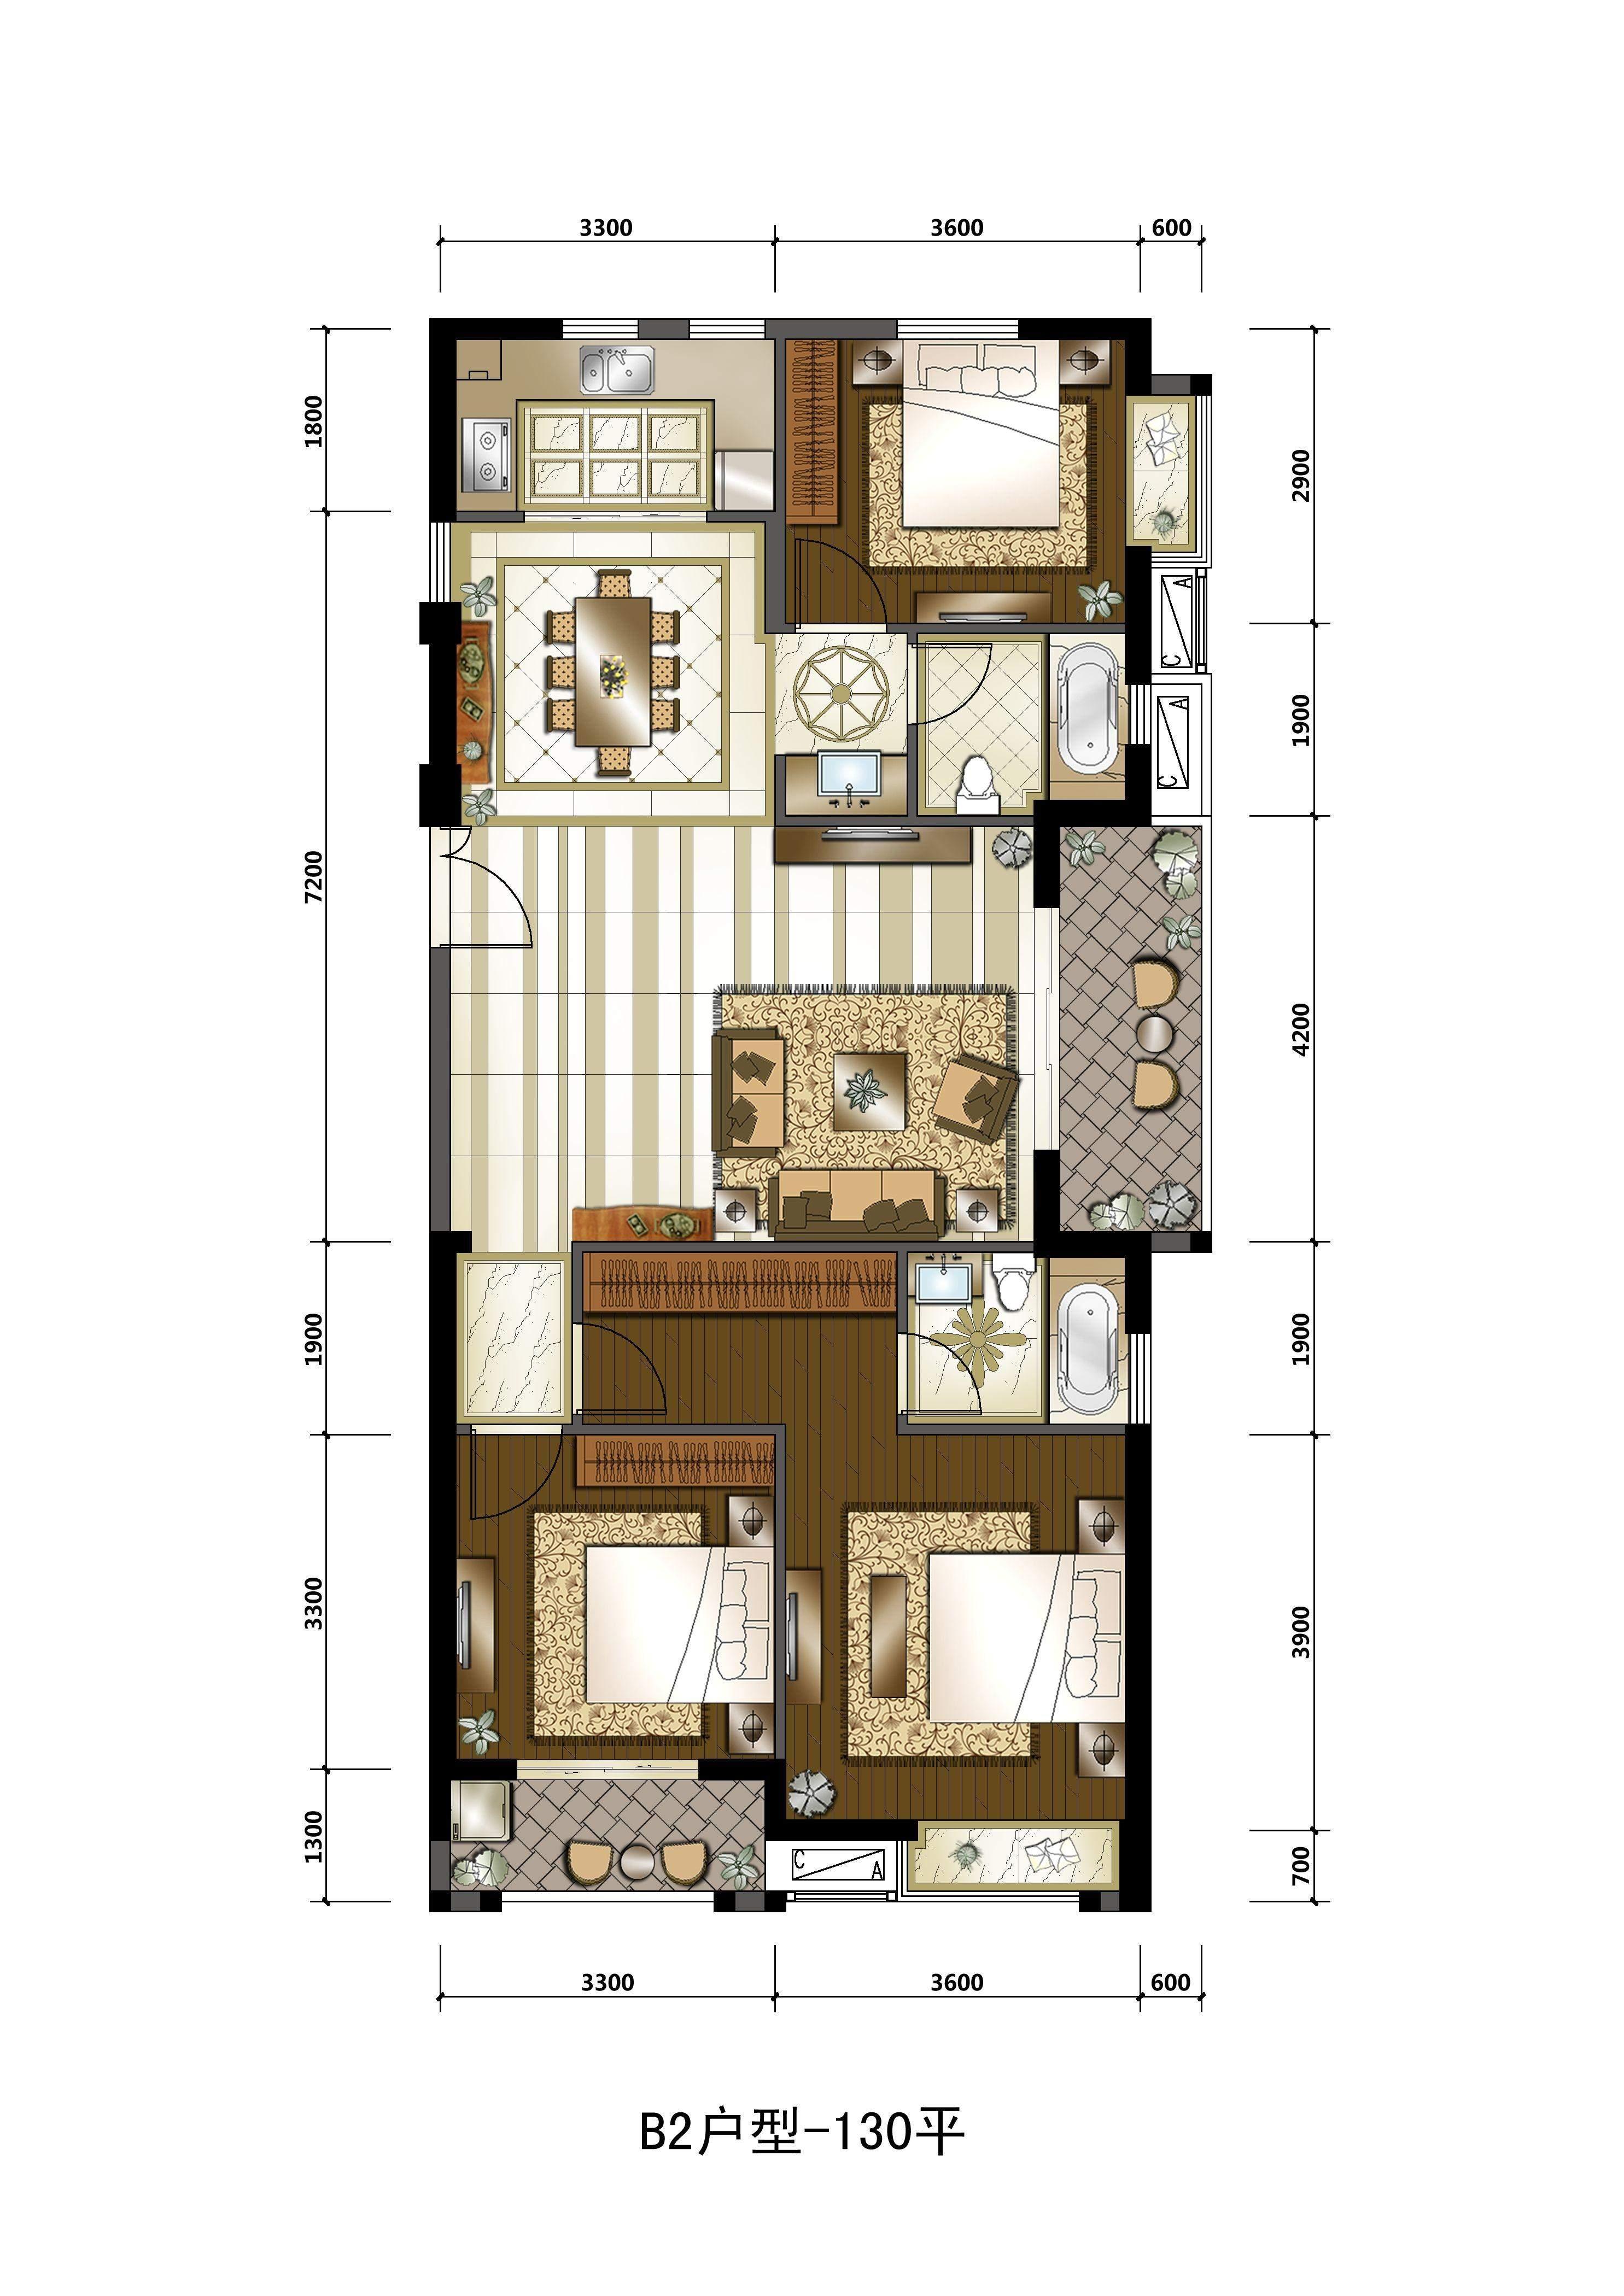 厦门住宅莲花新城2室2厅1卫户型图 厦门楼盘网